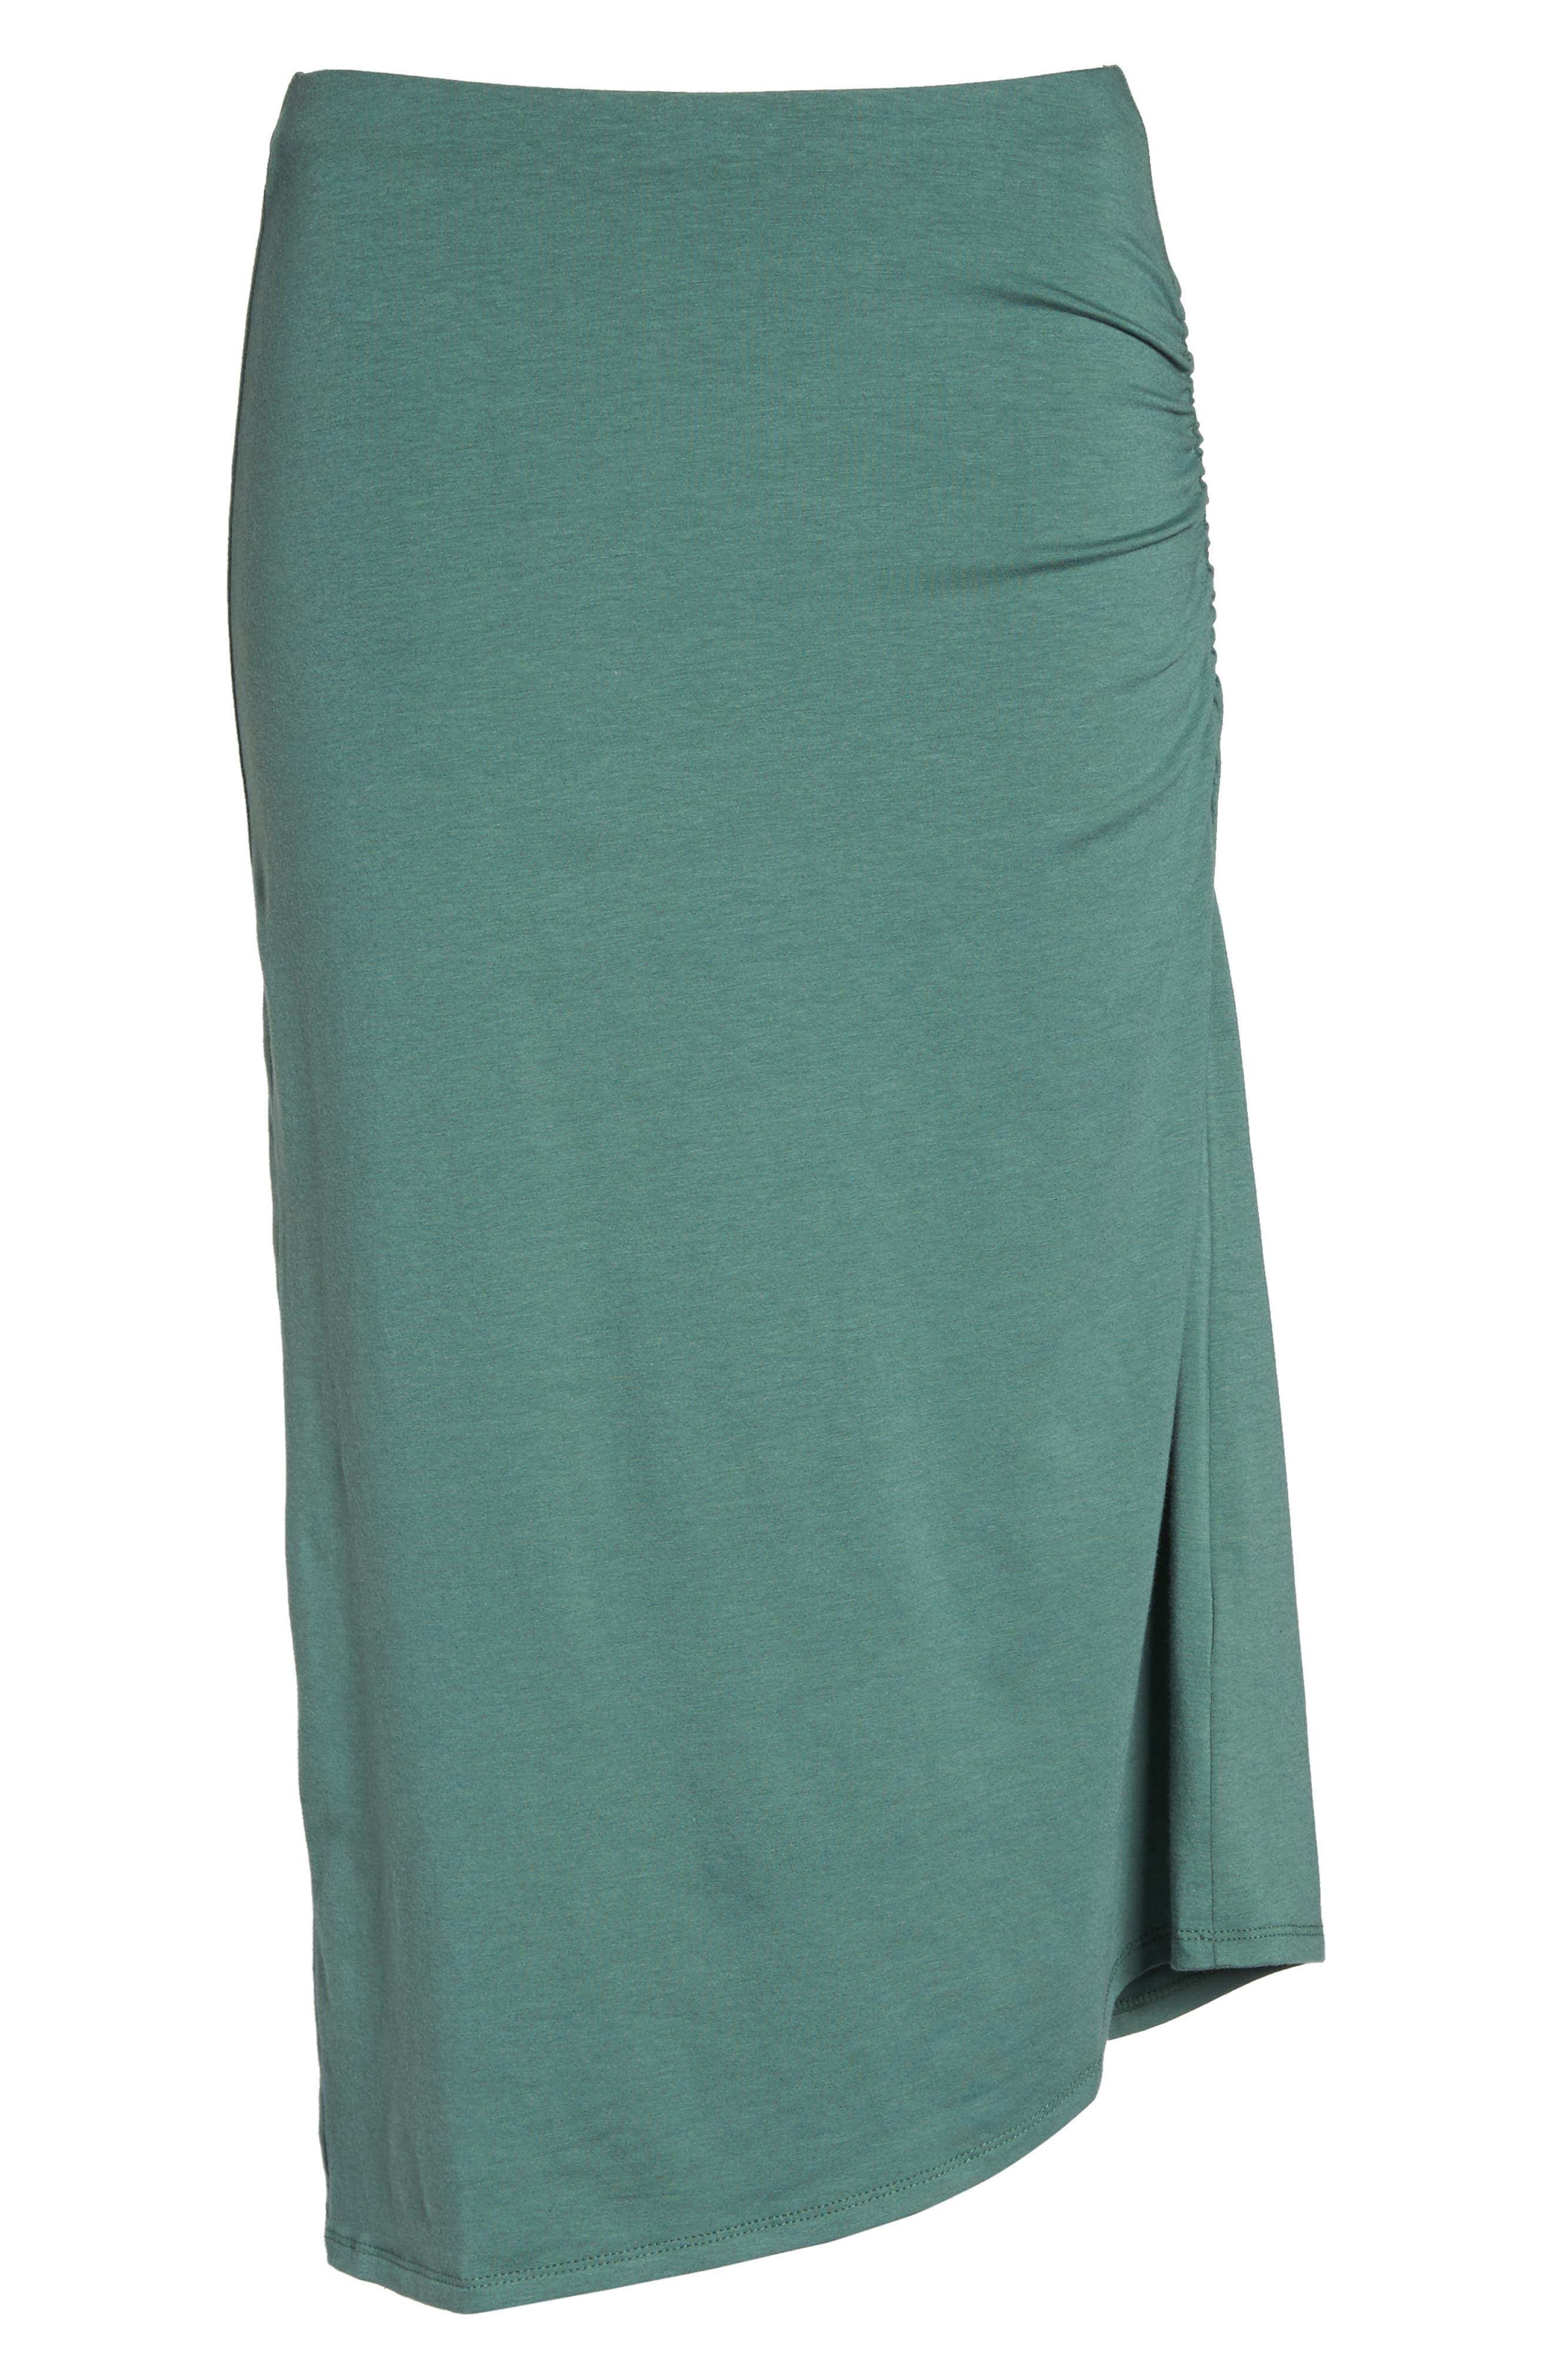 Dream Song Skirt,                             Alternate thumbnail 7, color,                             300